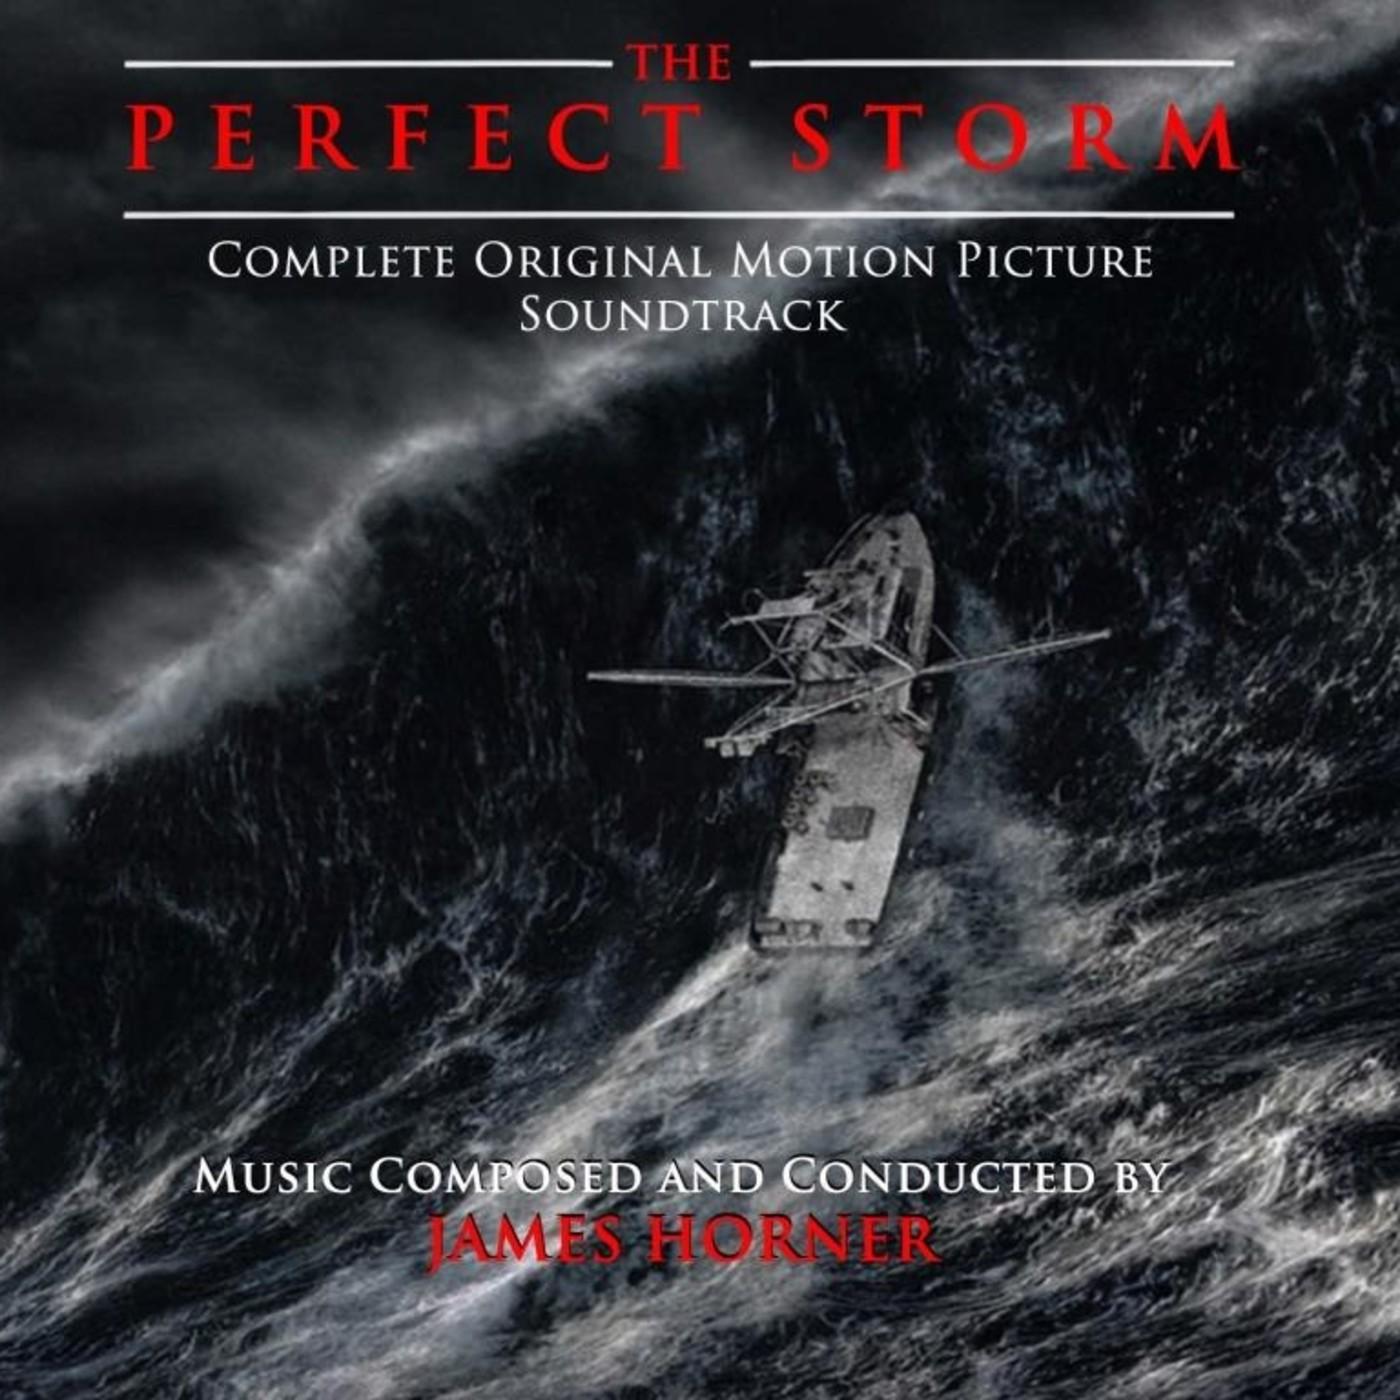 La Tormenta Perfecta James Horner 2000 En James Horner En Mp3 10 04 A Las 18 00 48 09 25 34328681 Ivoox